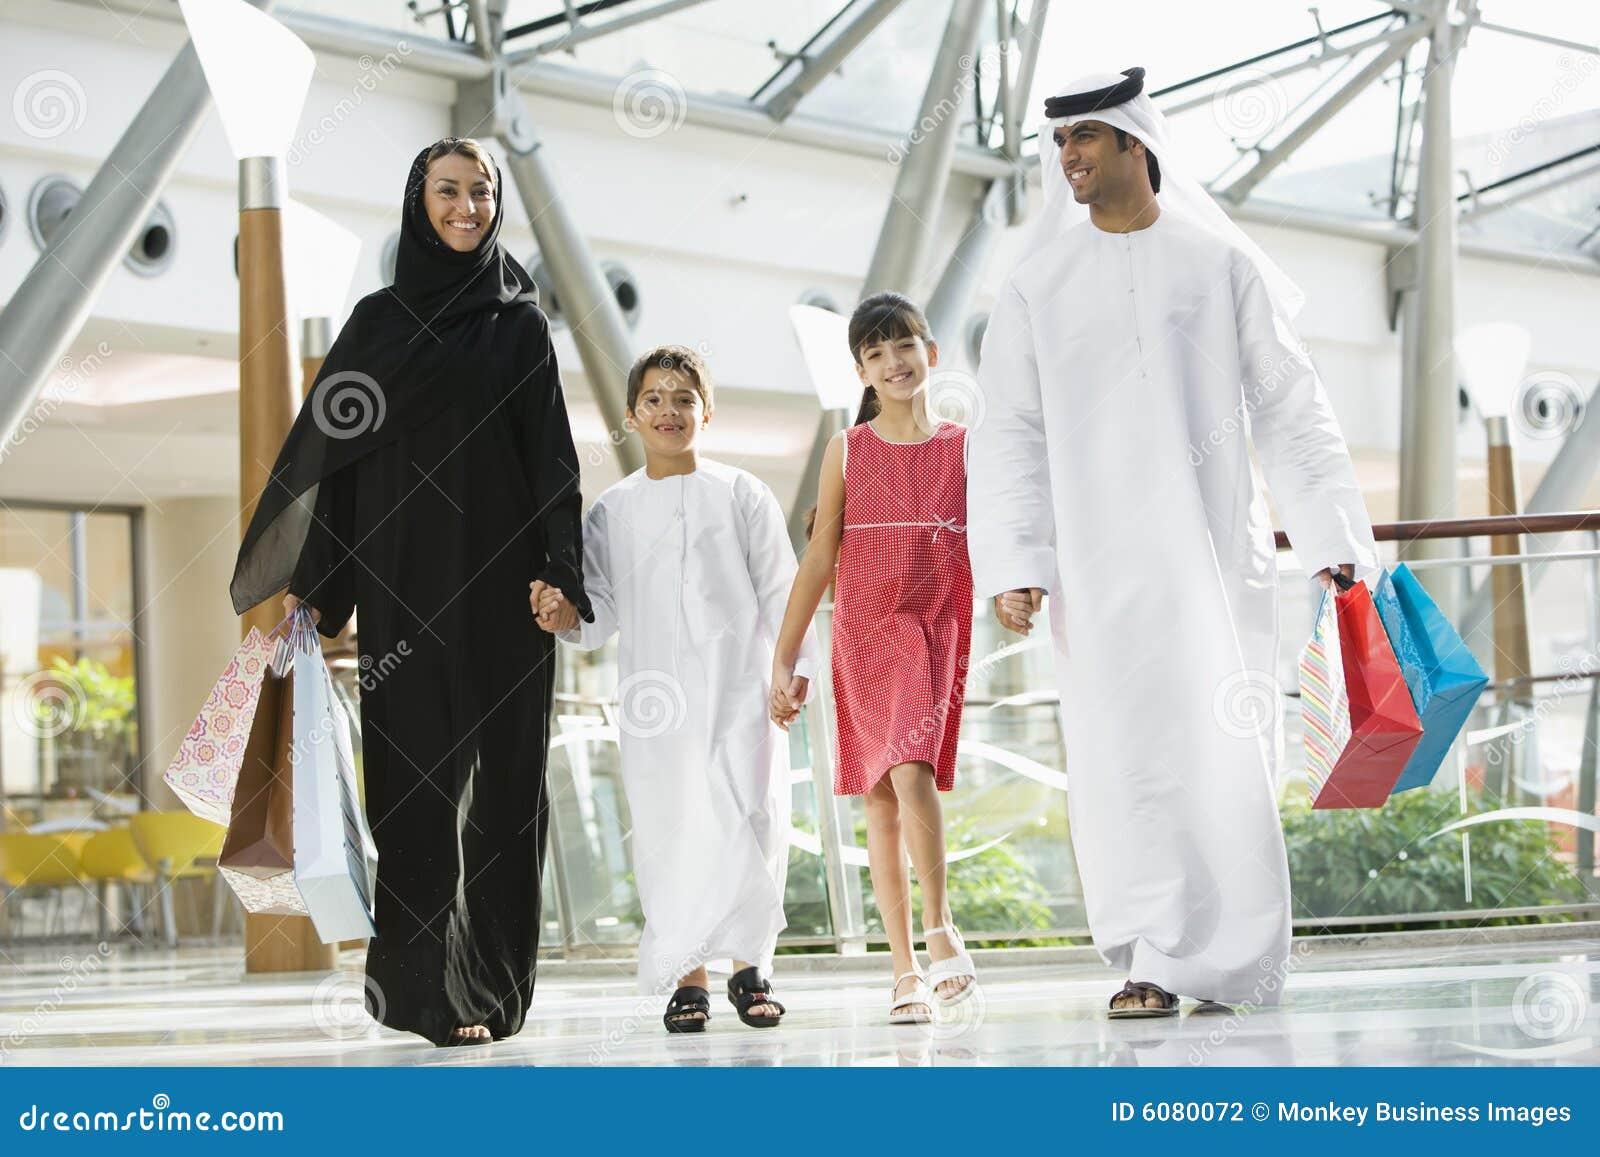 Un famille du Moyen-Orient dans un centre commercial